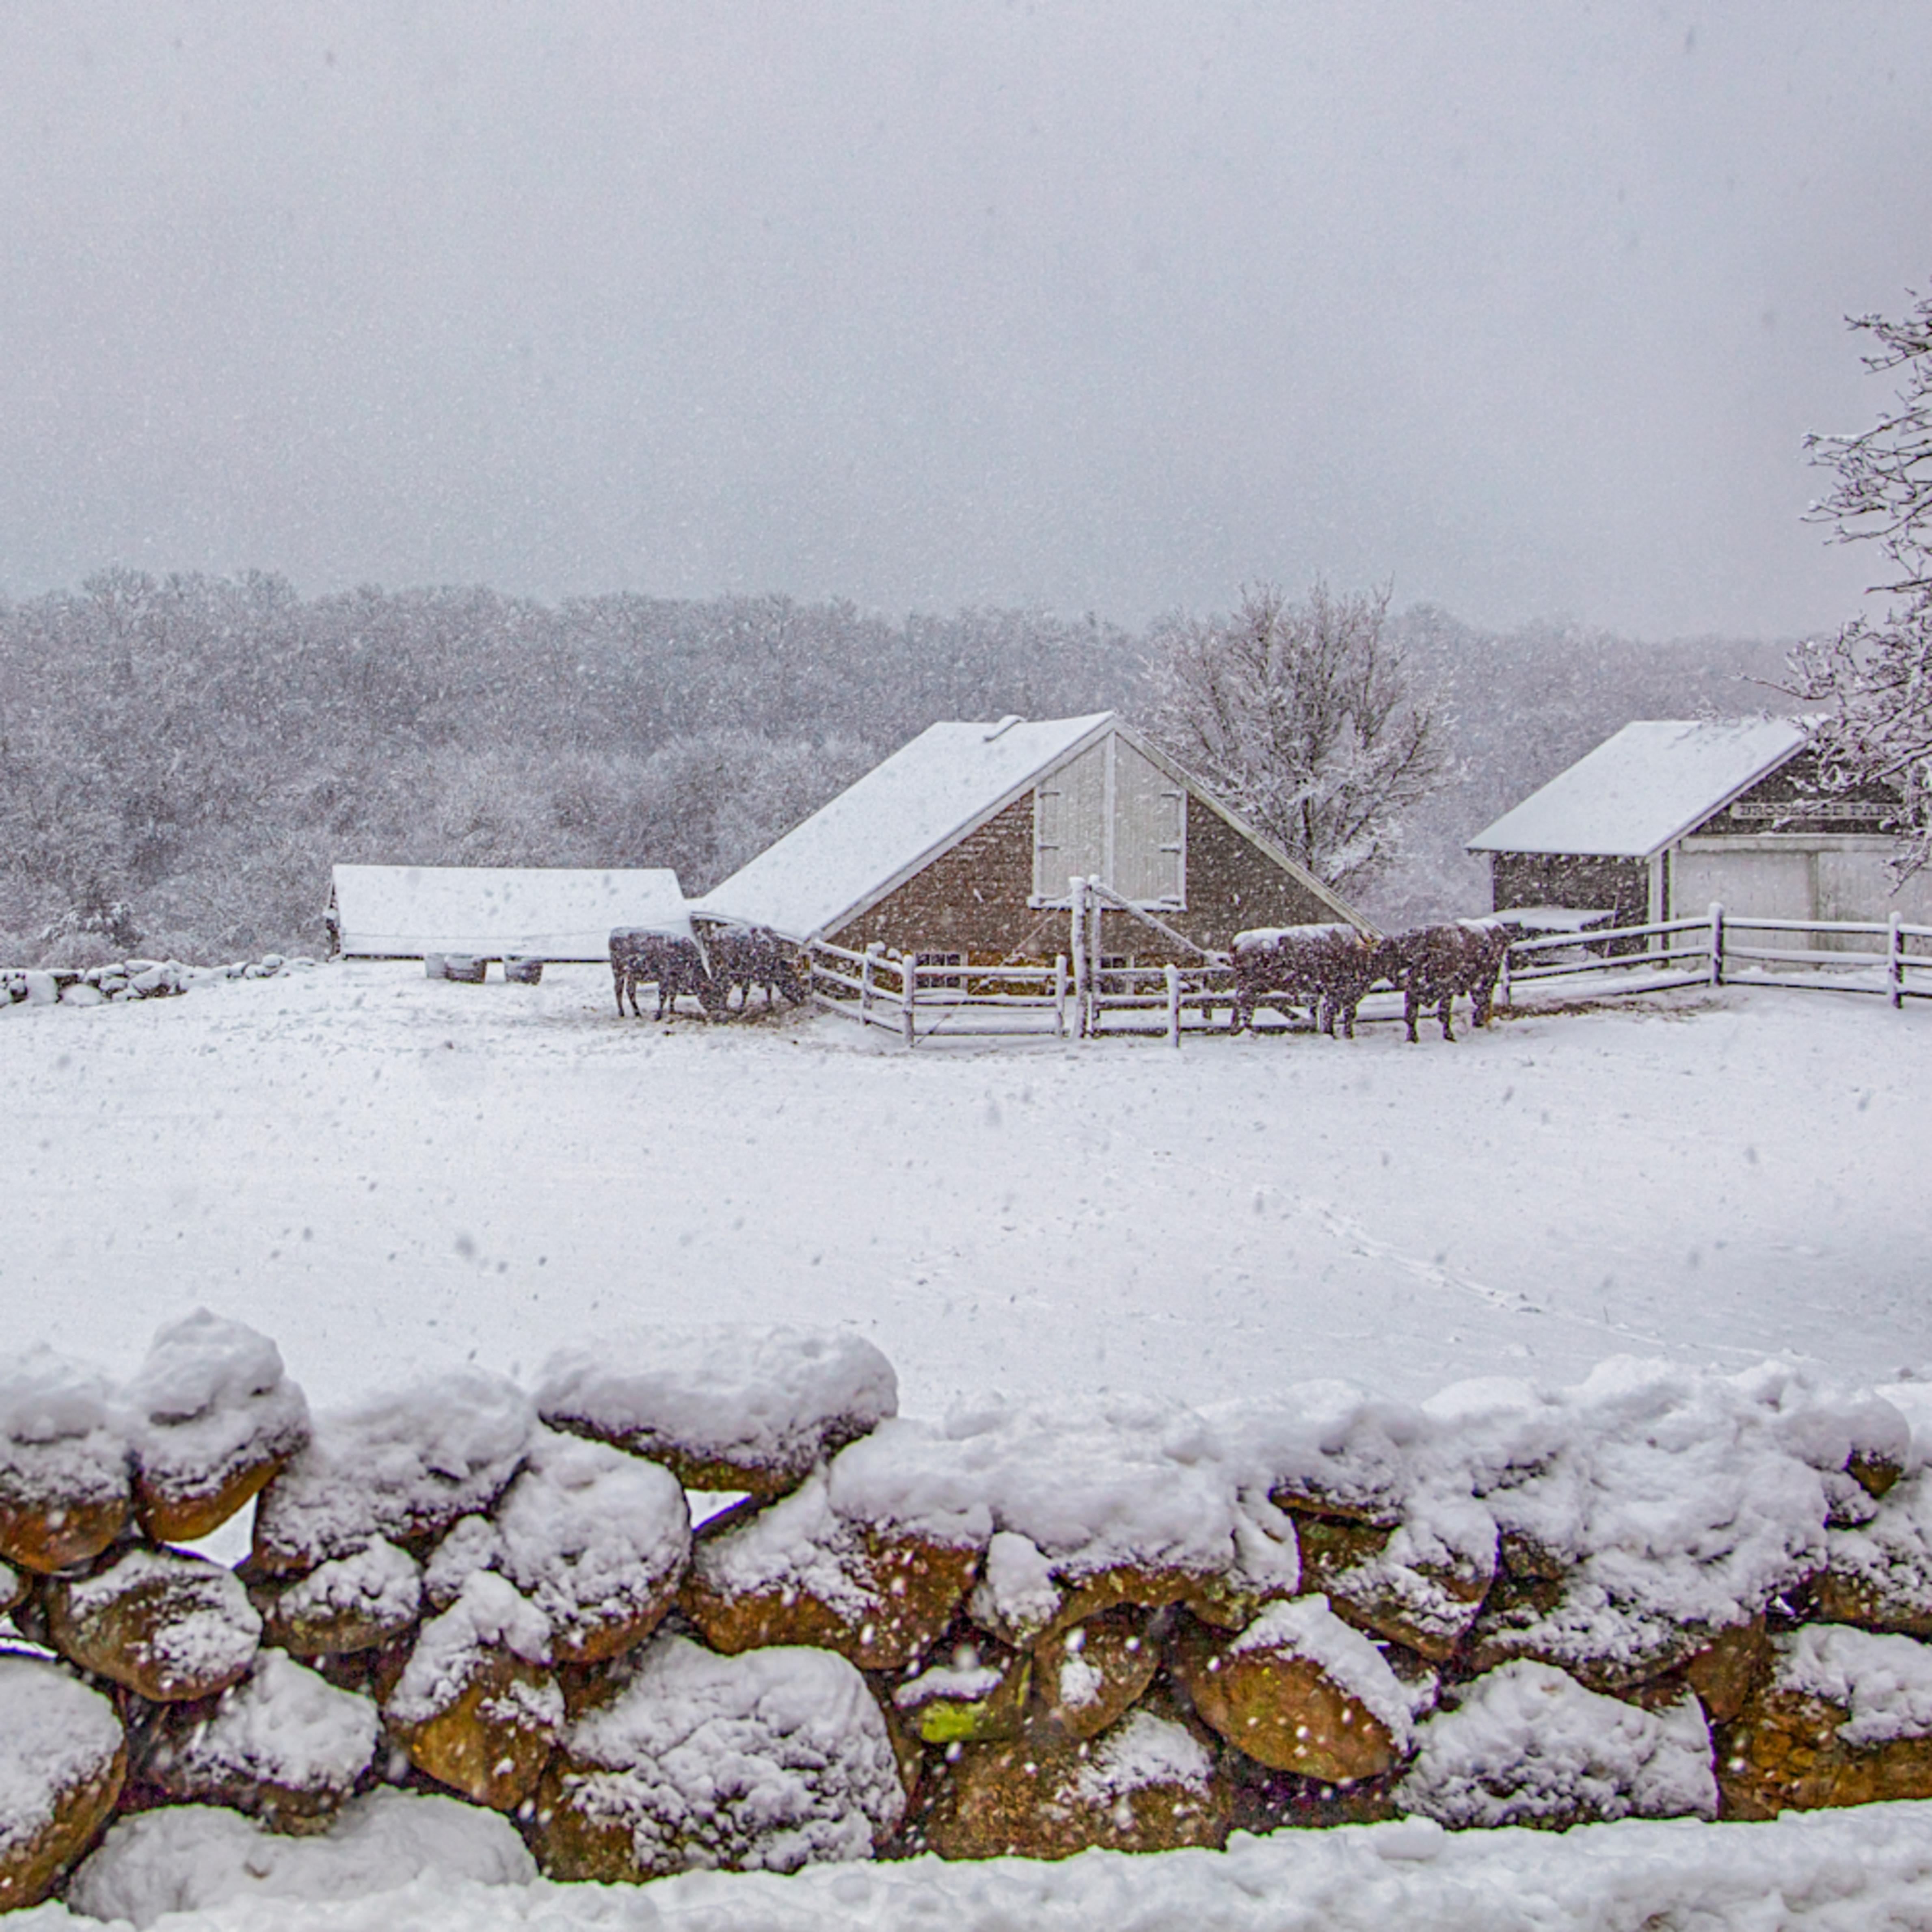 Brookside farm snow kvkm2k